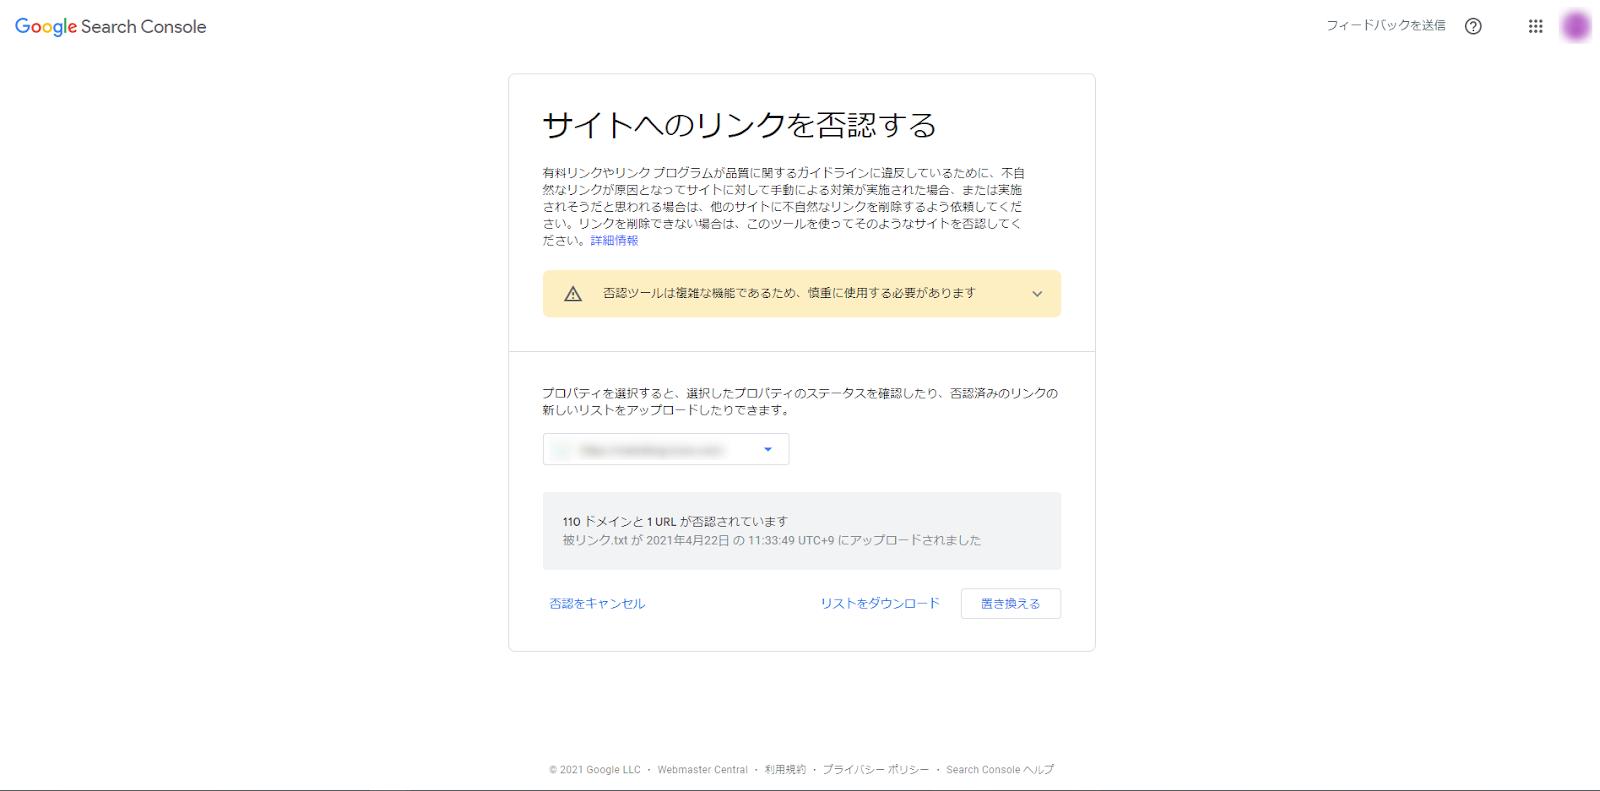 否認申請完了のイメージ